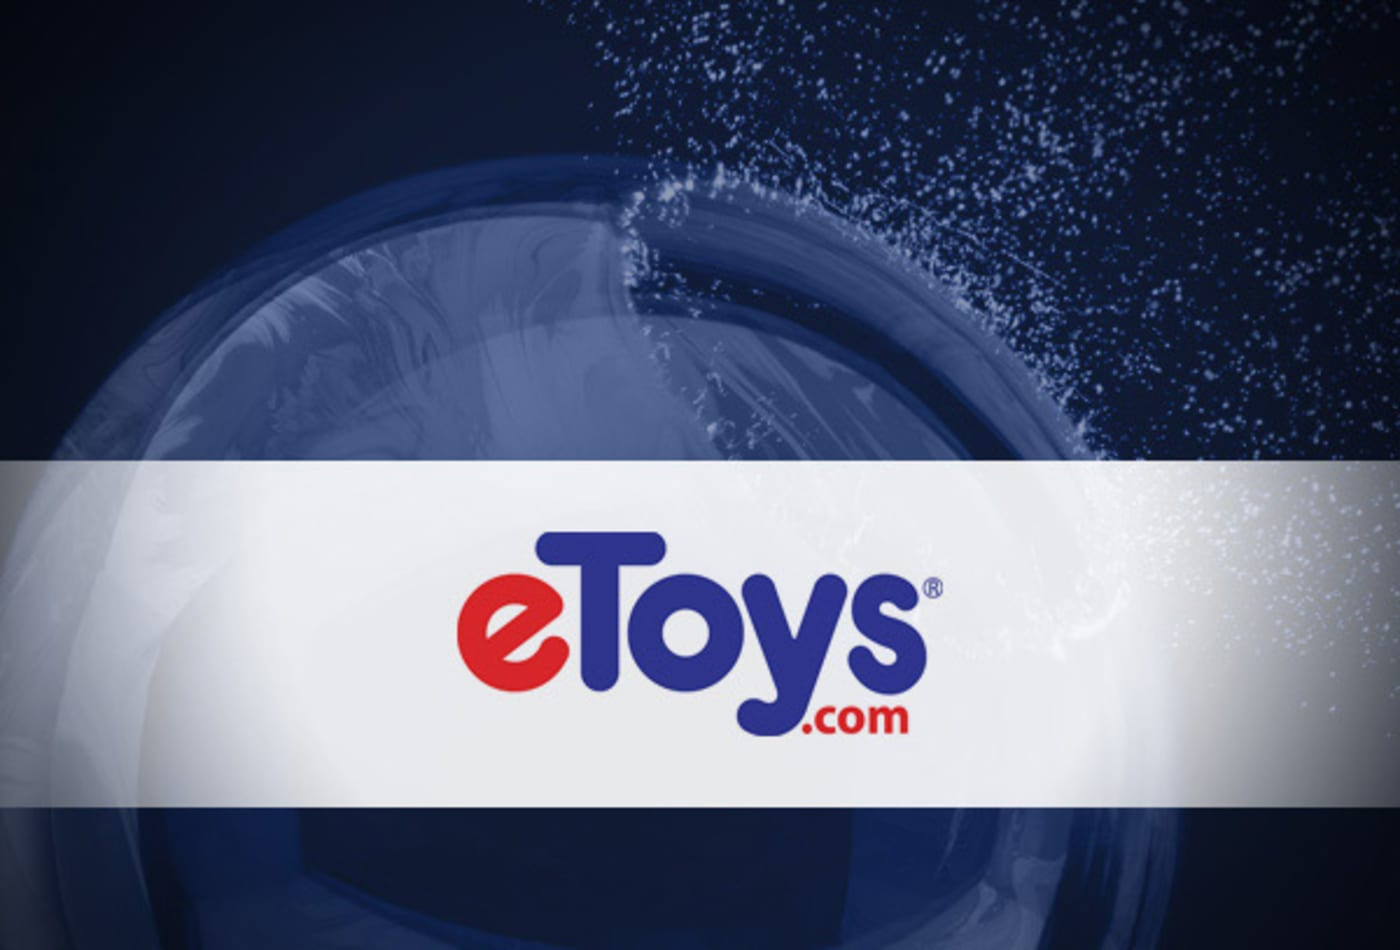 dotcom-busts-etoys-com.jpg